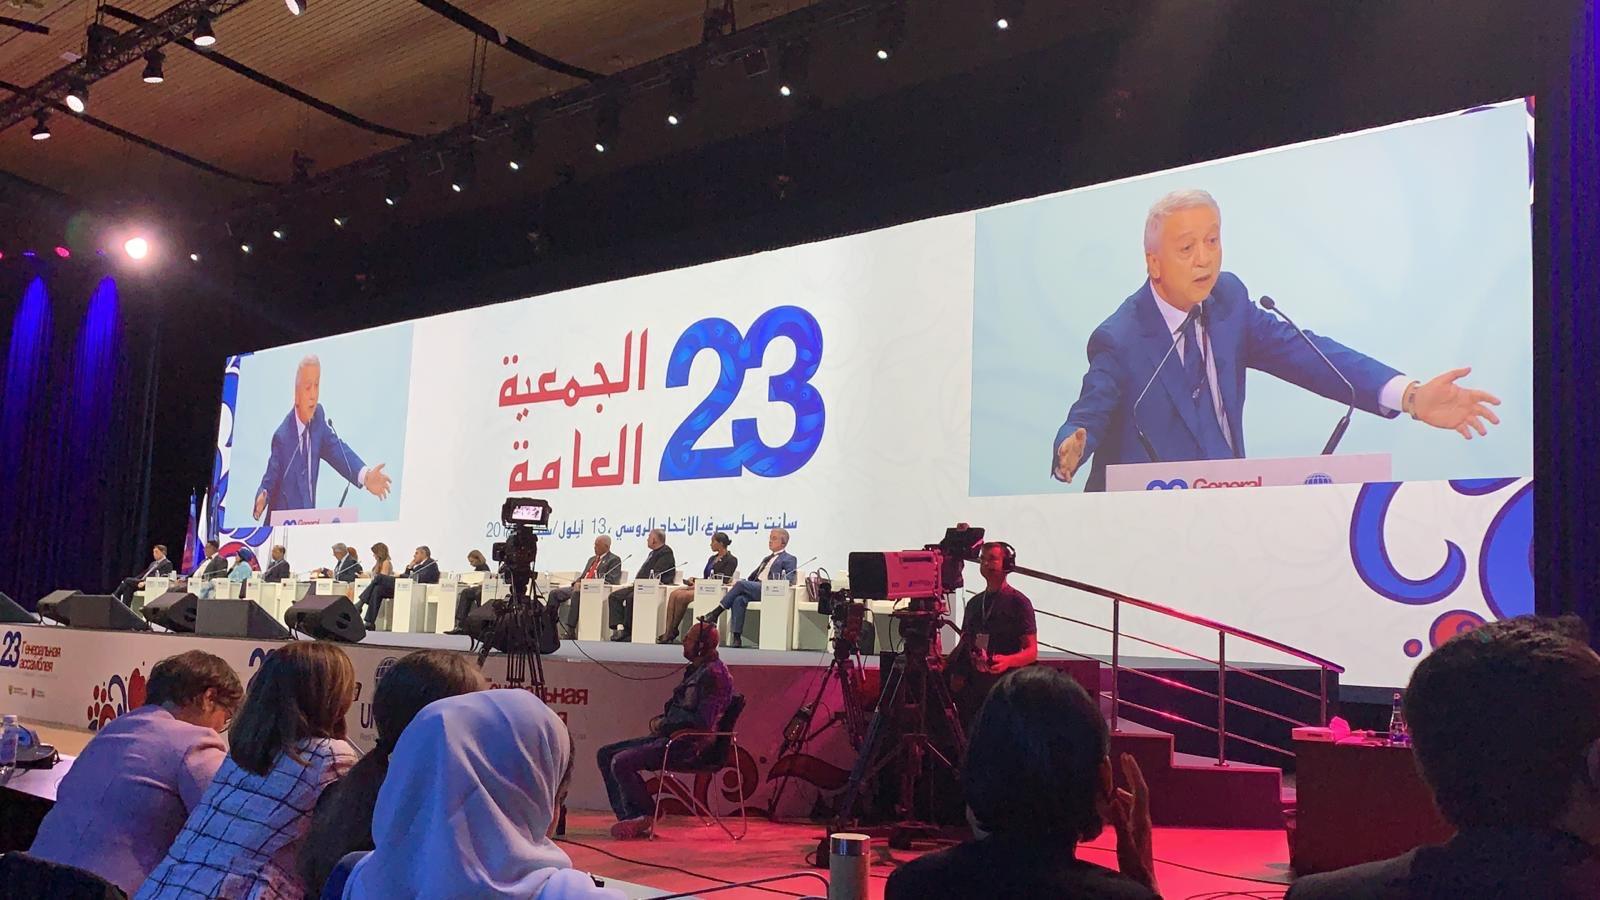 ساجد : هذا الفوز انتصار للمغرب وللاستراتيجية القوية التي يقودها الملك محمد السادس في مجال التنمية المستدامة والشاملة